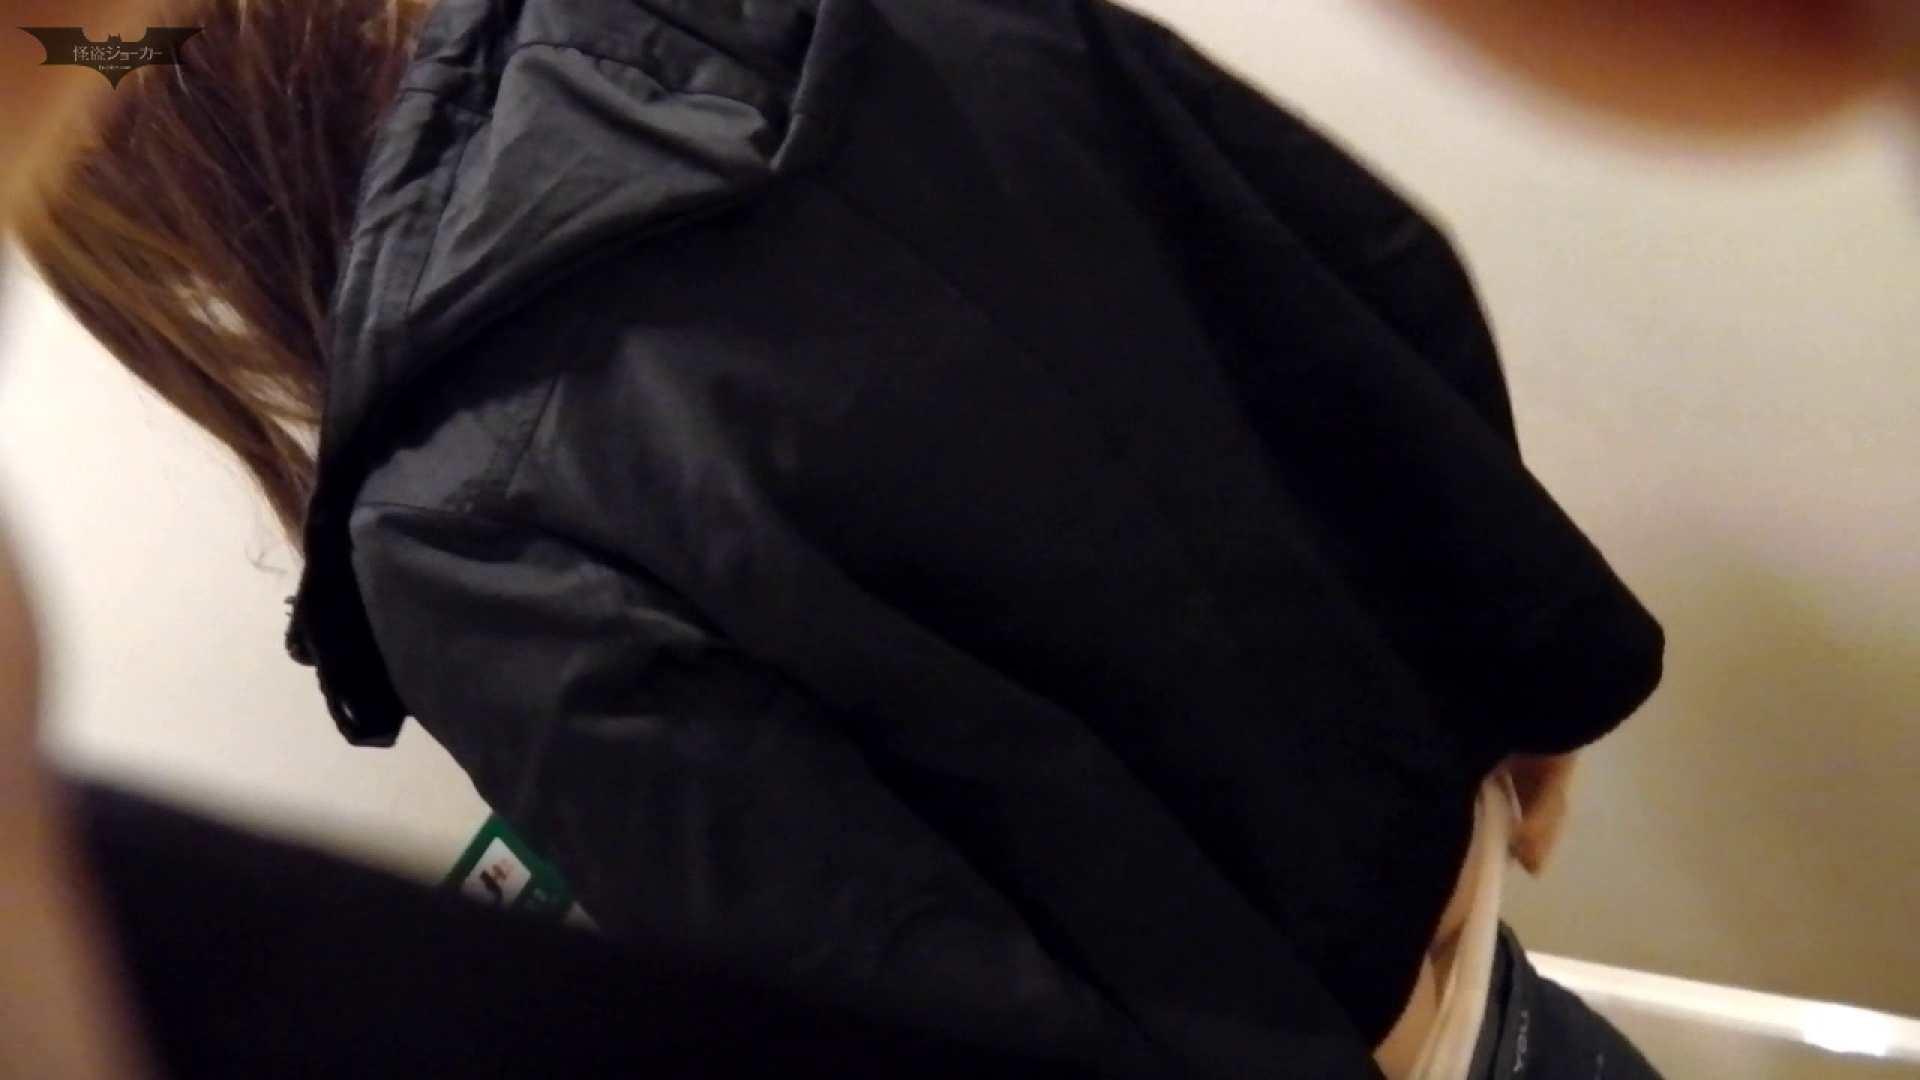 無修正エロ動画 新世界の射窓 No60清楚系から可愛い系まで勢揃い! 怪盗ジョーカー